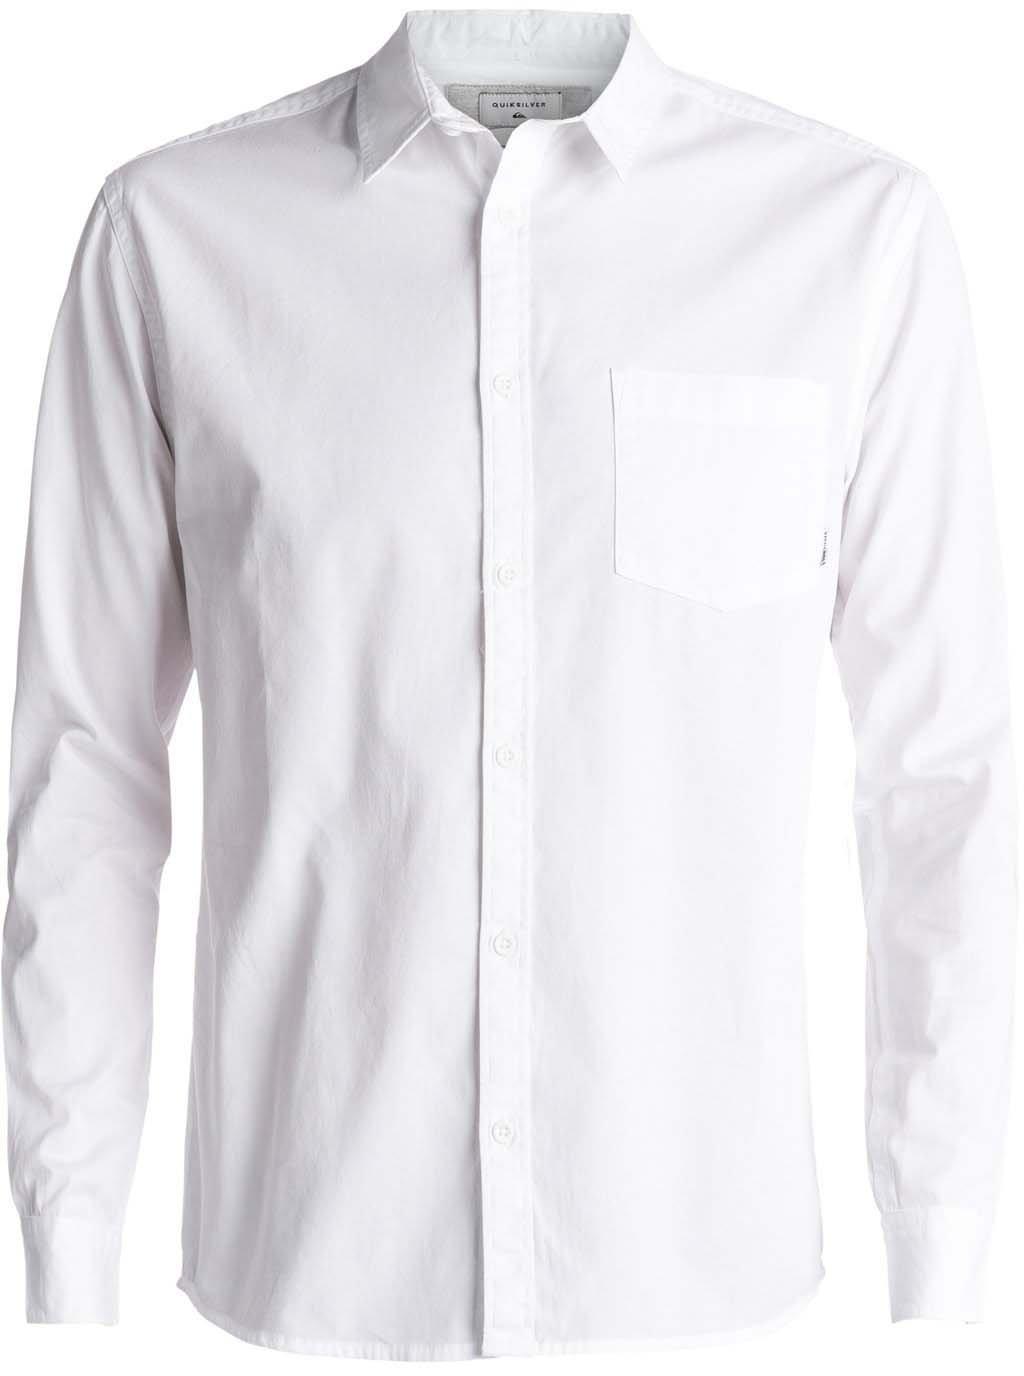 Quiksilver Men's Classics Ls Button Down Shirt, White, XL